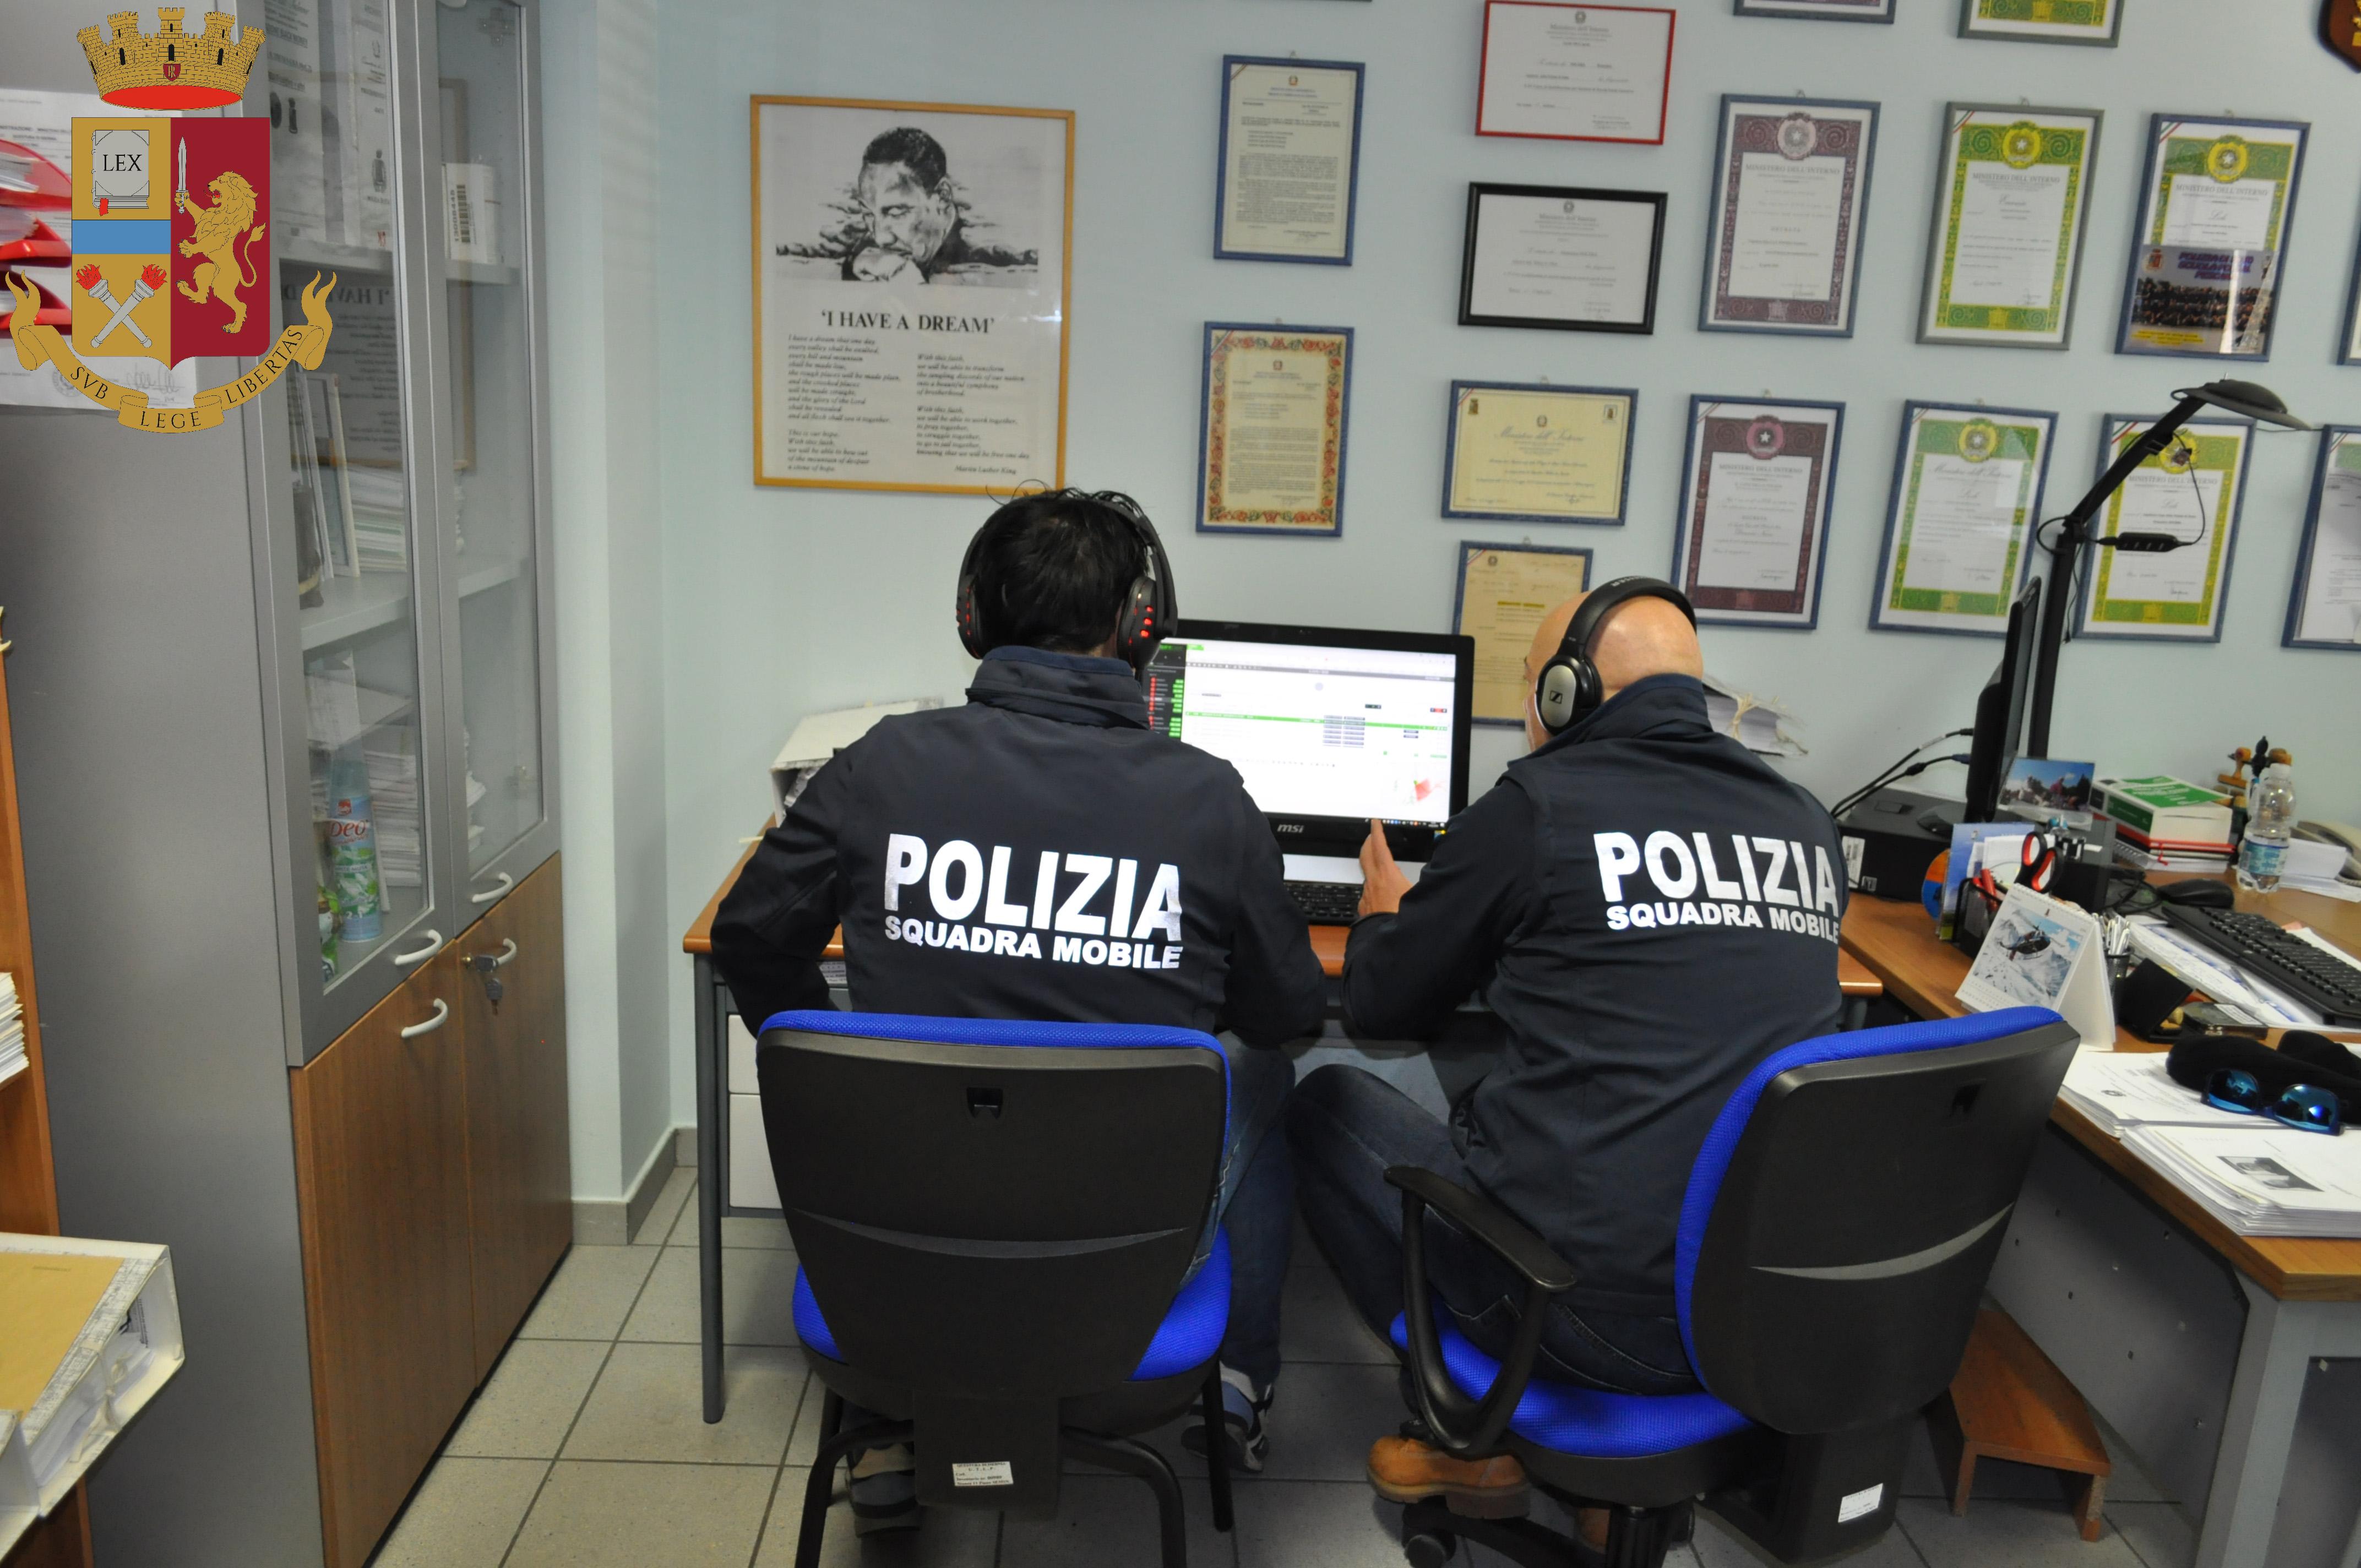 La Polizia di Stato smaschera due truffatori del web. Aveva acquistato pneumatici per macchina agricole mai ricevuti.